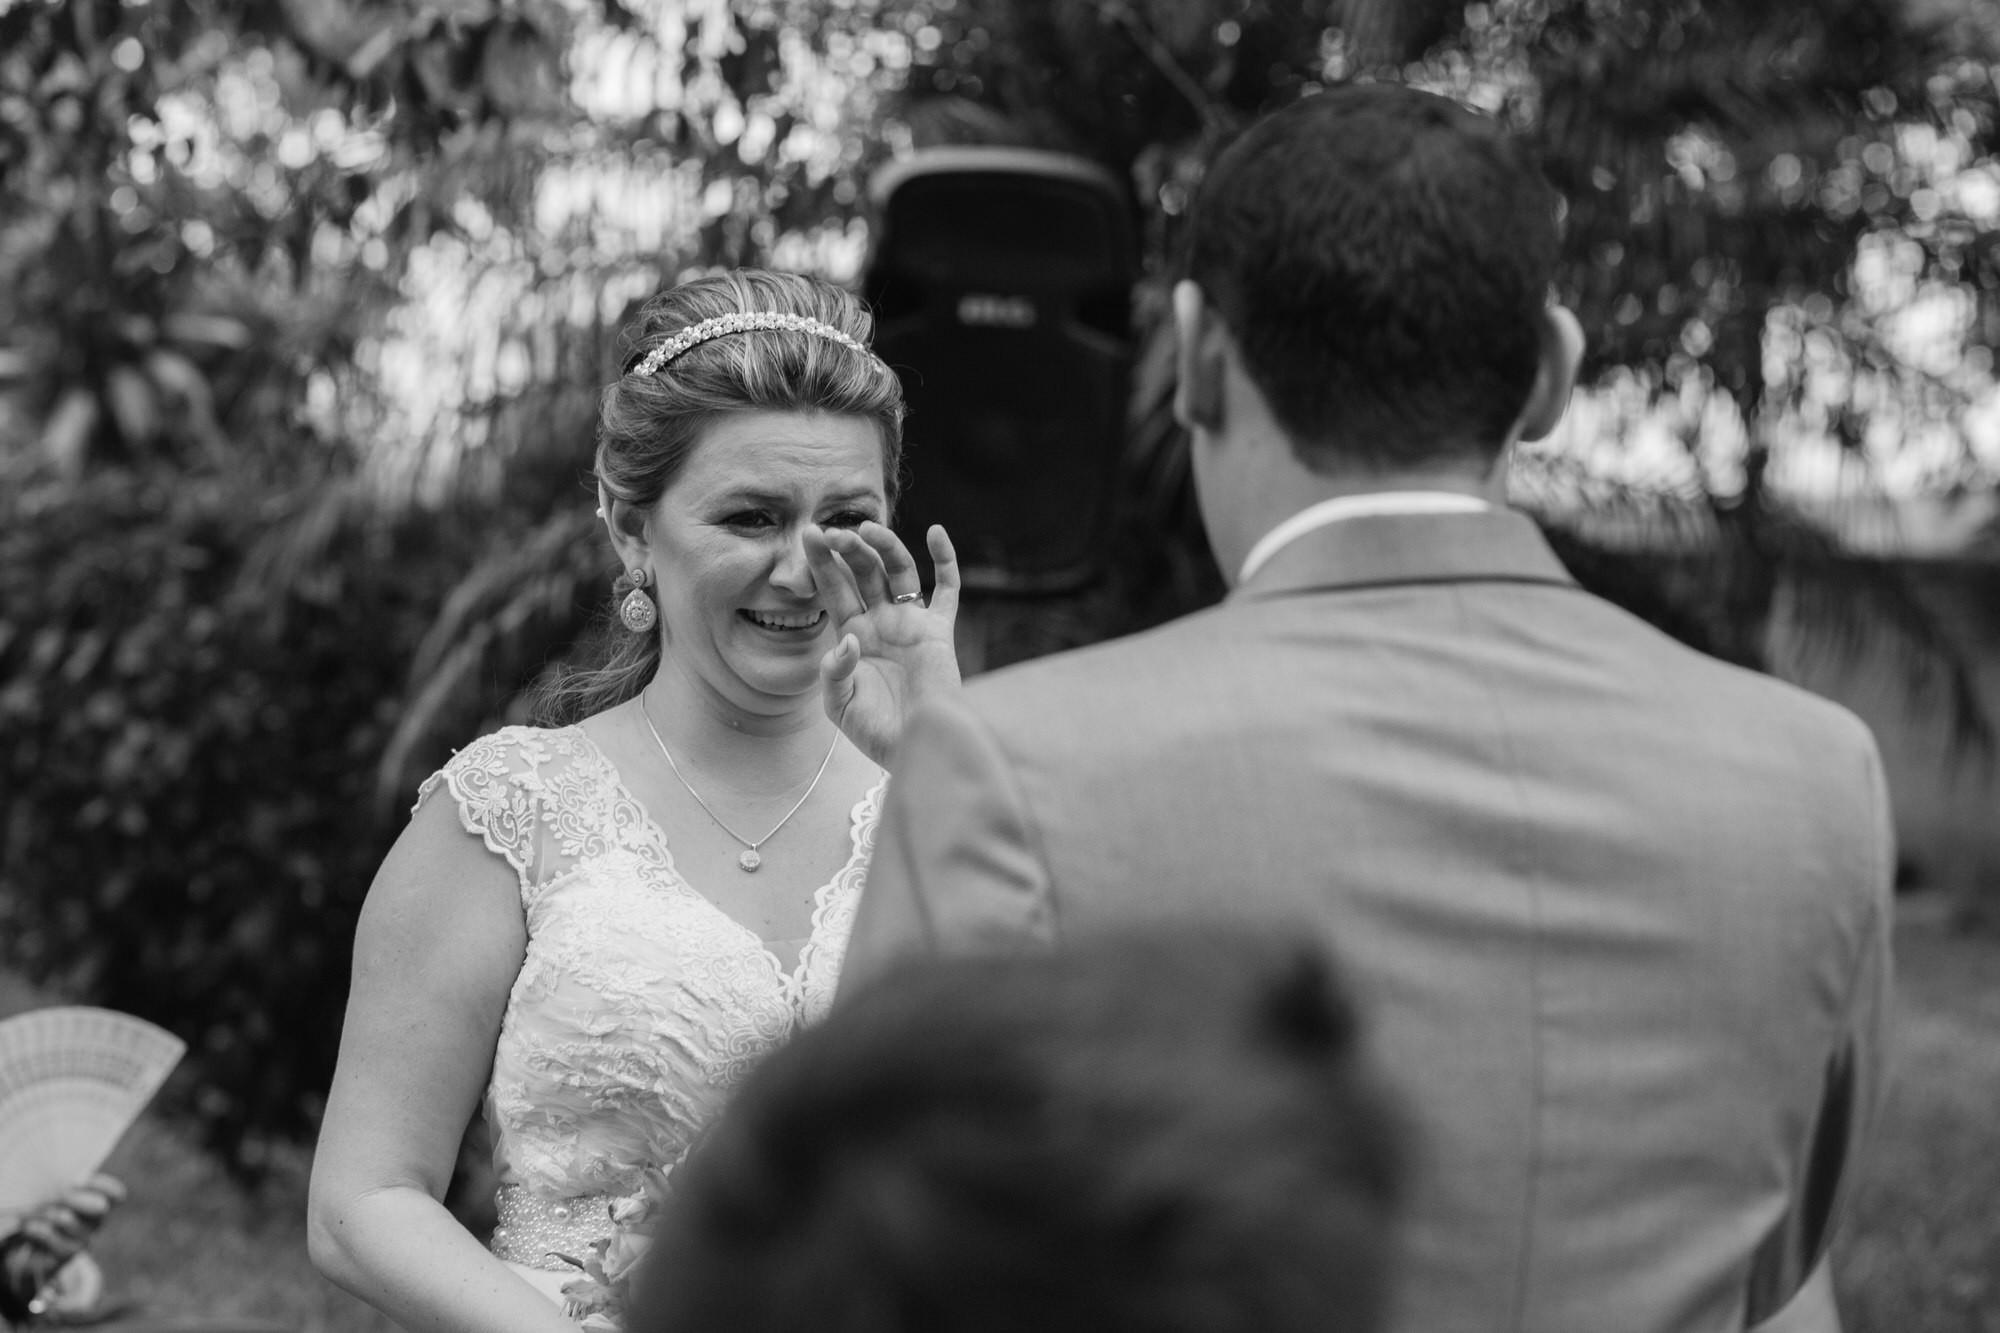 Fabio e Gisele - Casamento em Mundo Novo - MS por Lorran Souza e Léia Sotile - fotografo de casamentos - 00021